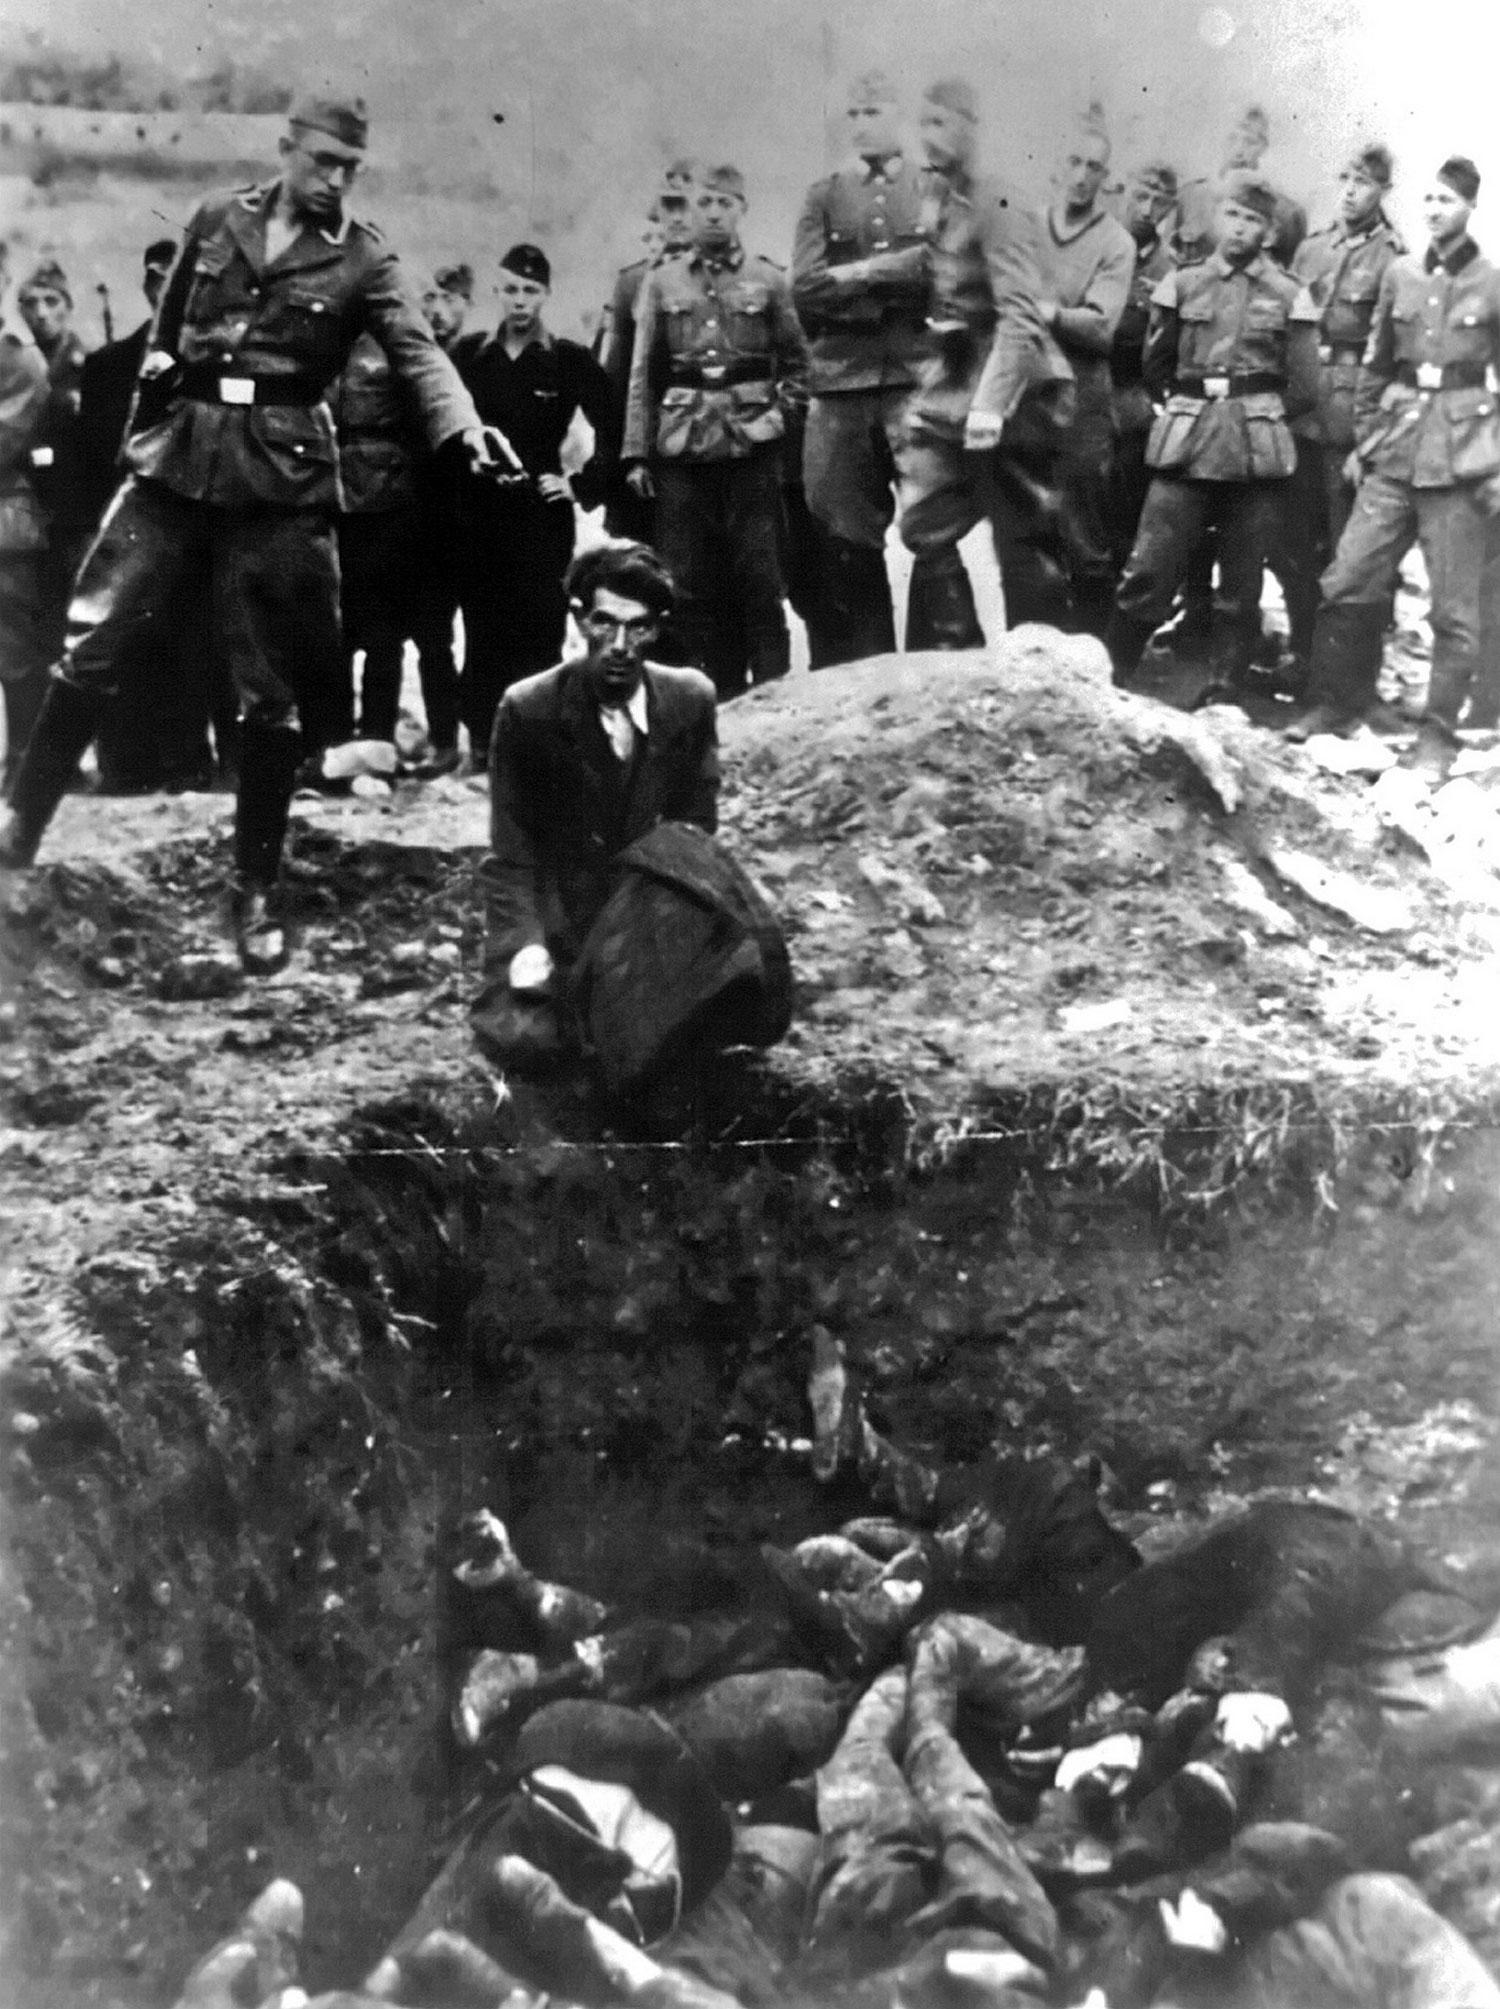 немец целится в еврея в Виннице, фото